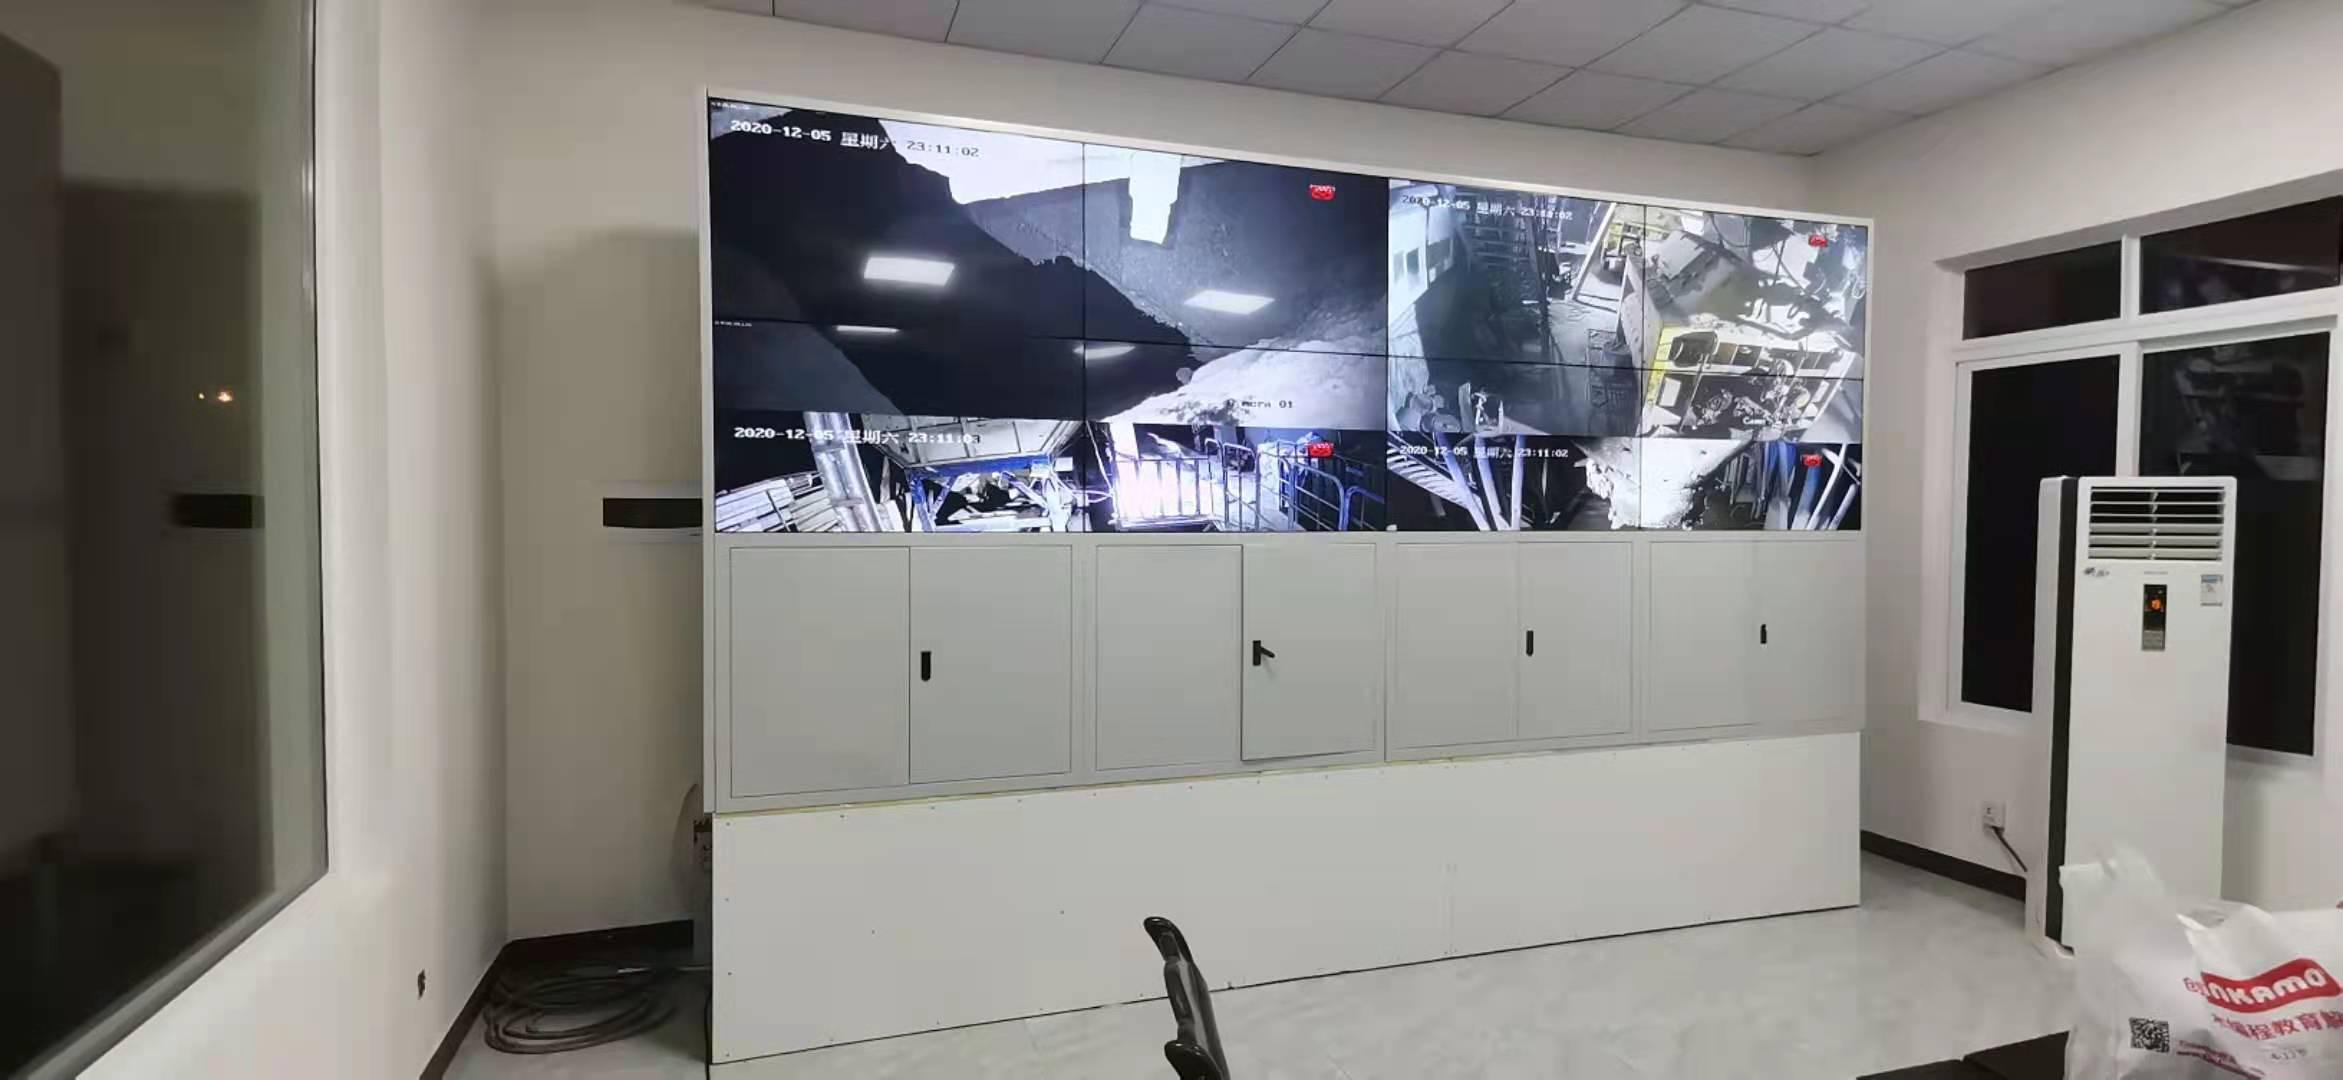 郑州液晶拼接屏厂家